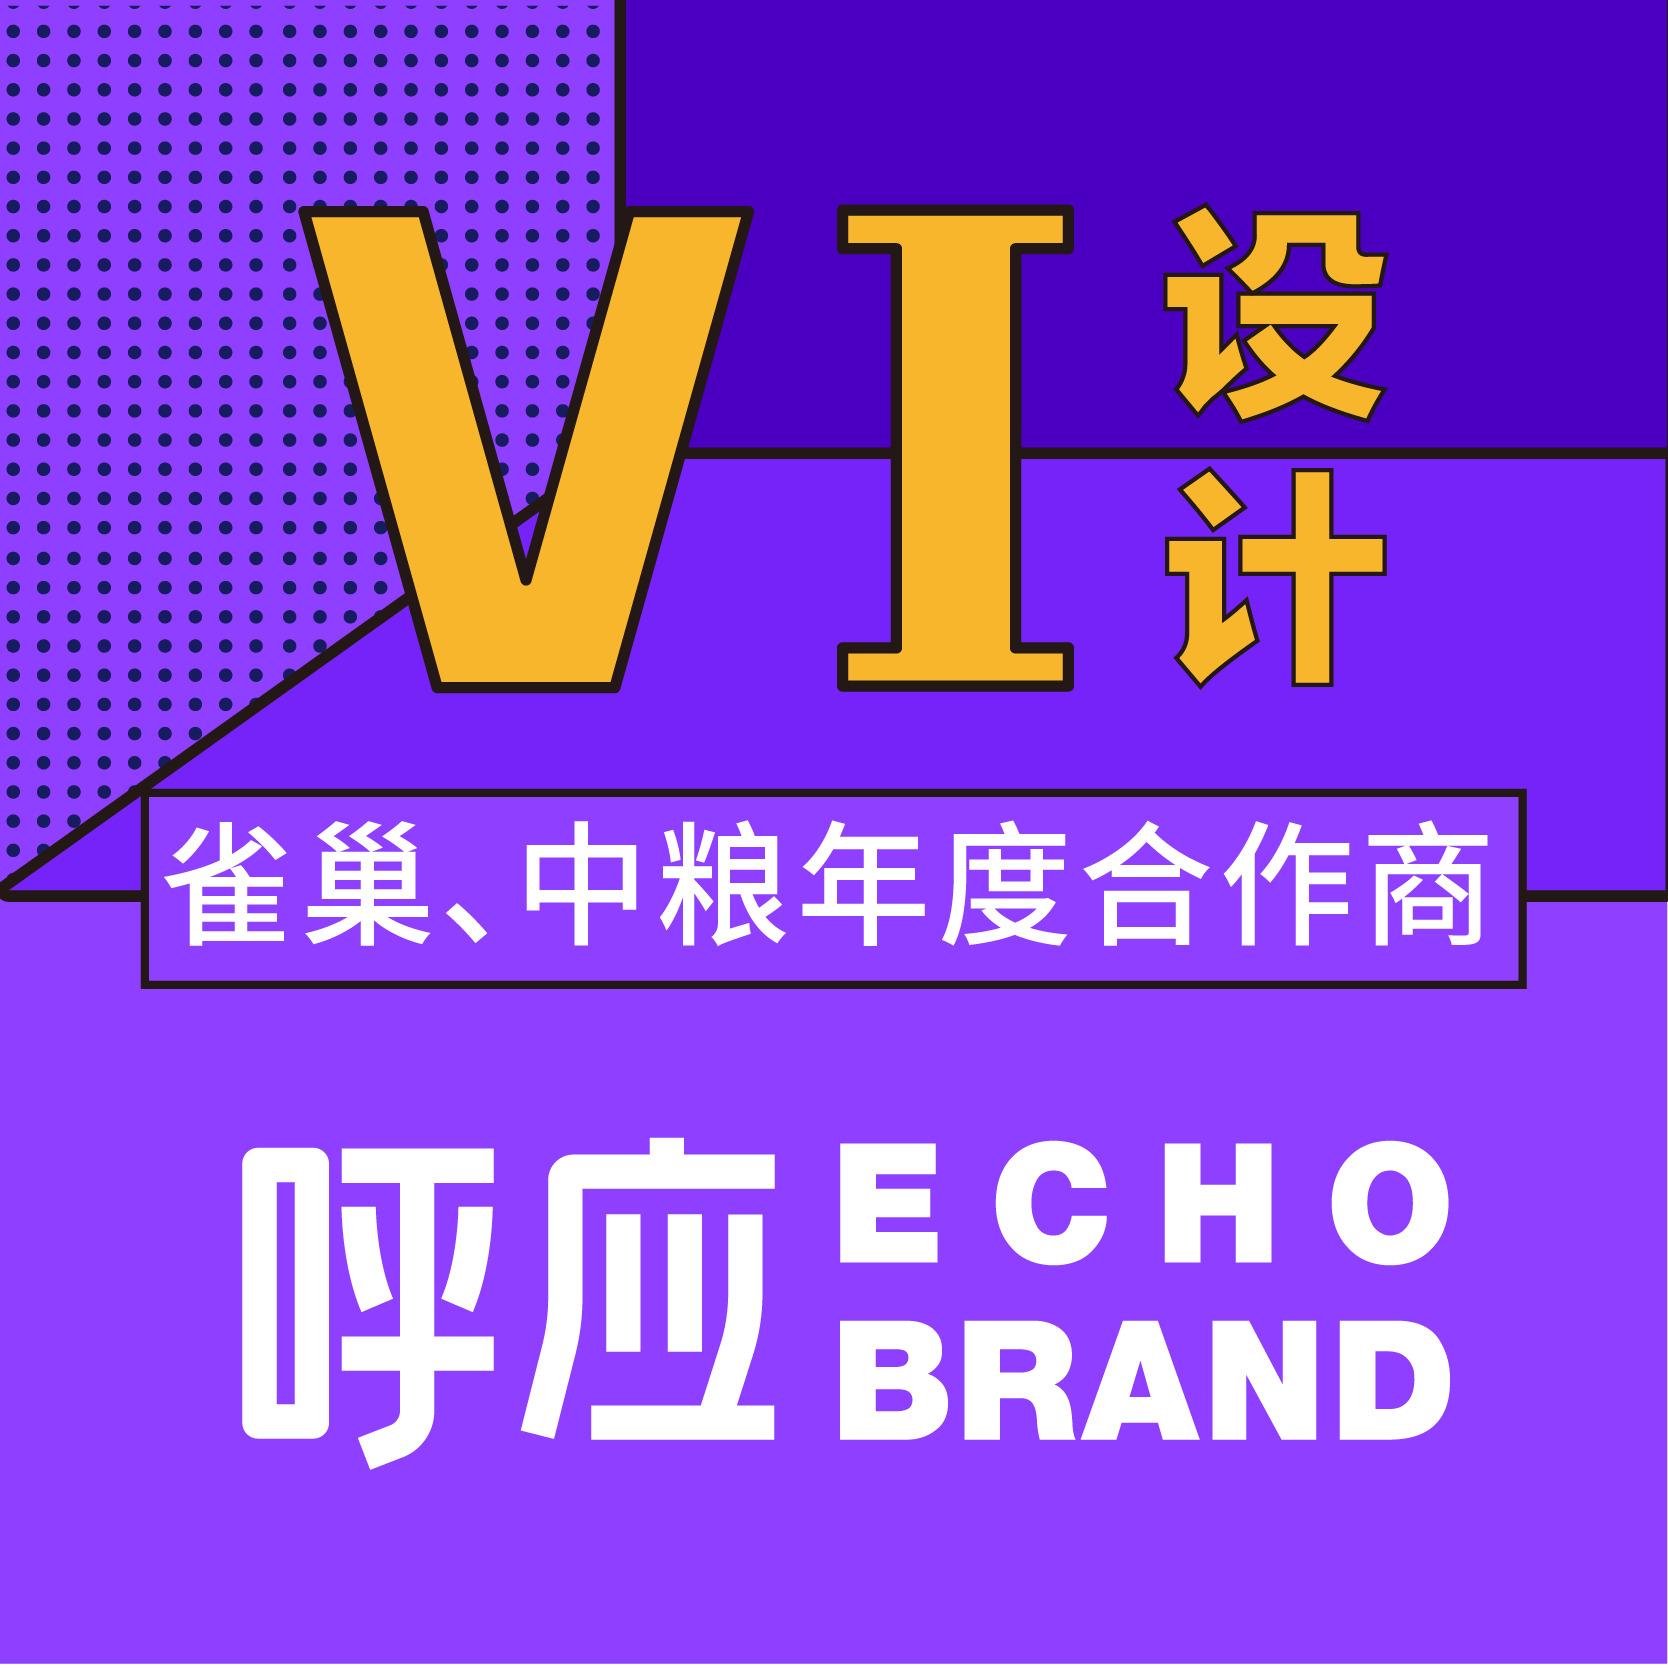 餐饮VI设计食品超市咖啡饮品服装烘培食品农产品高端vi设计